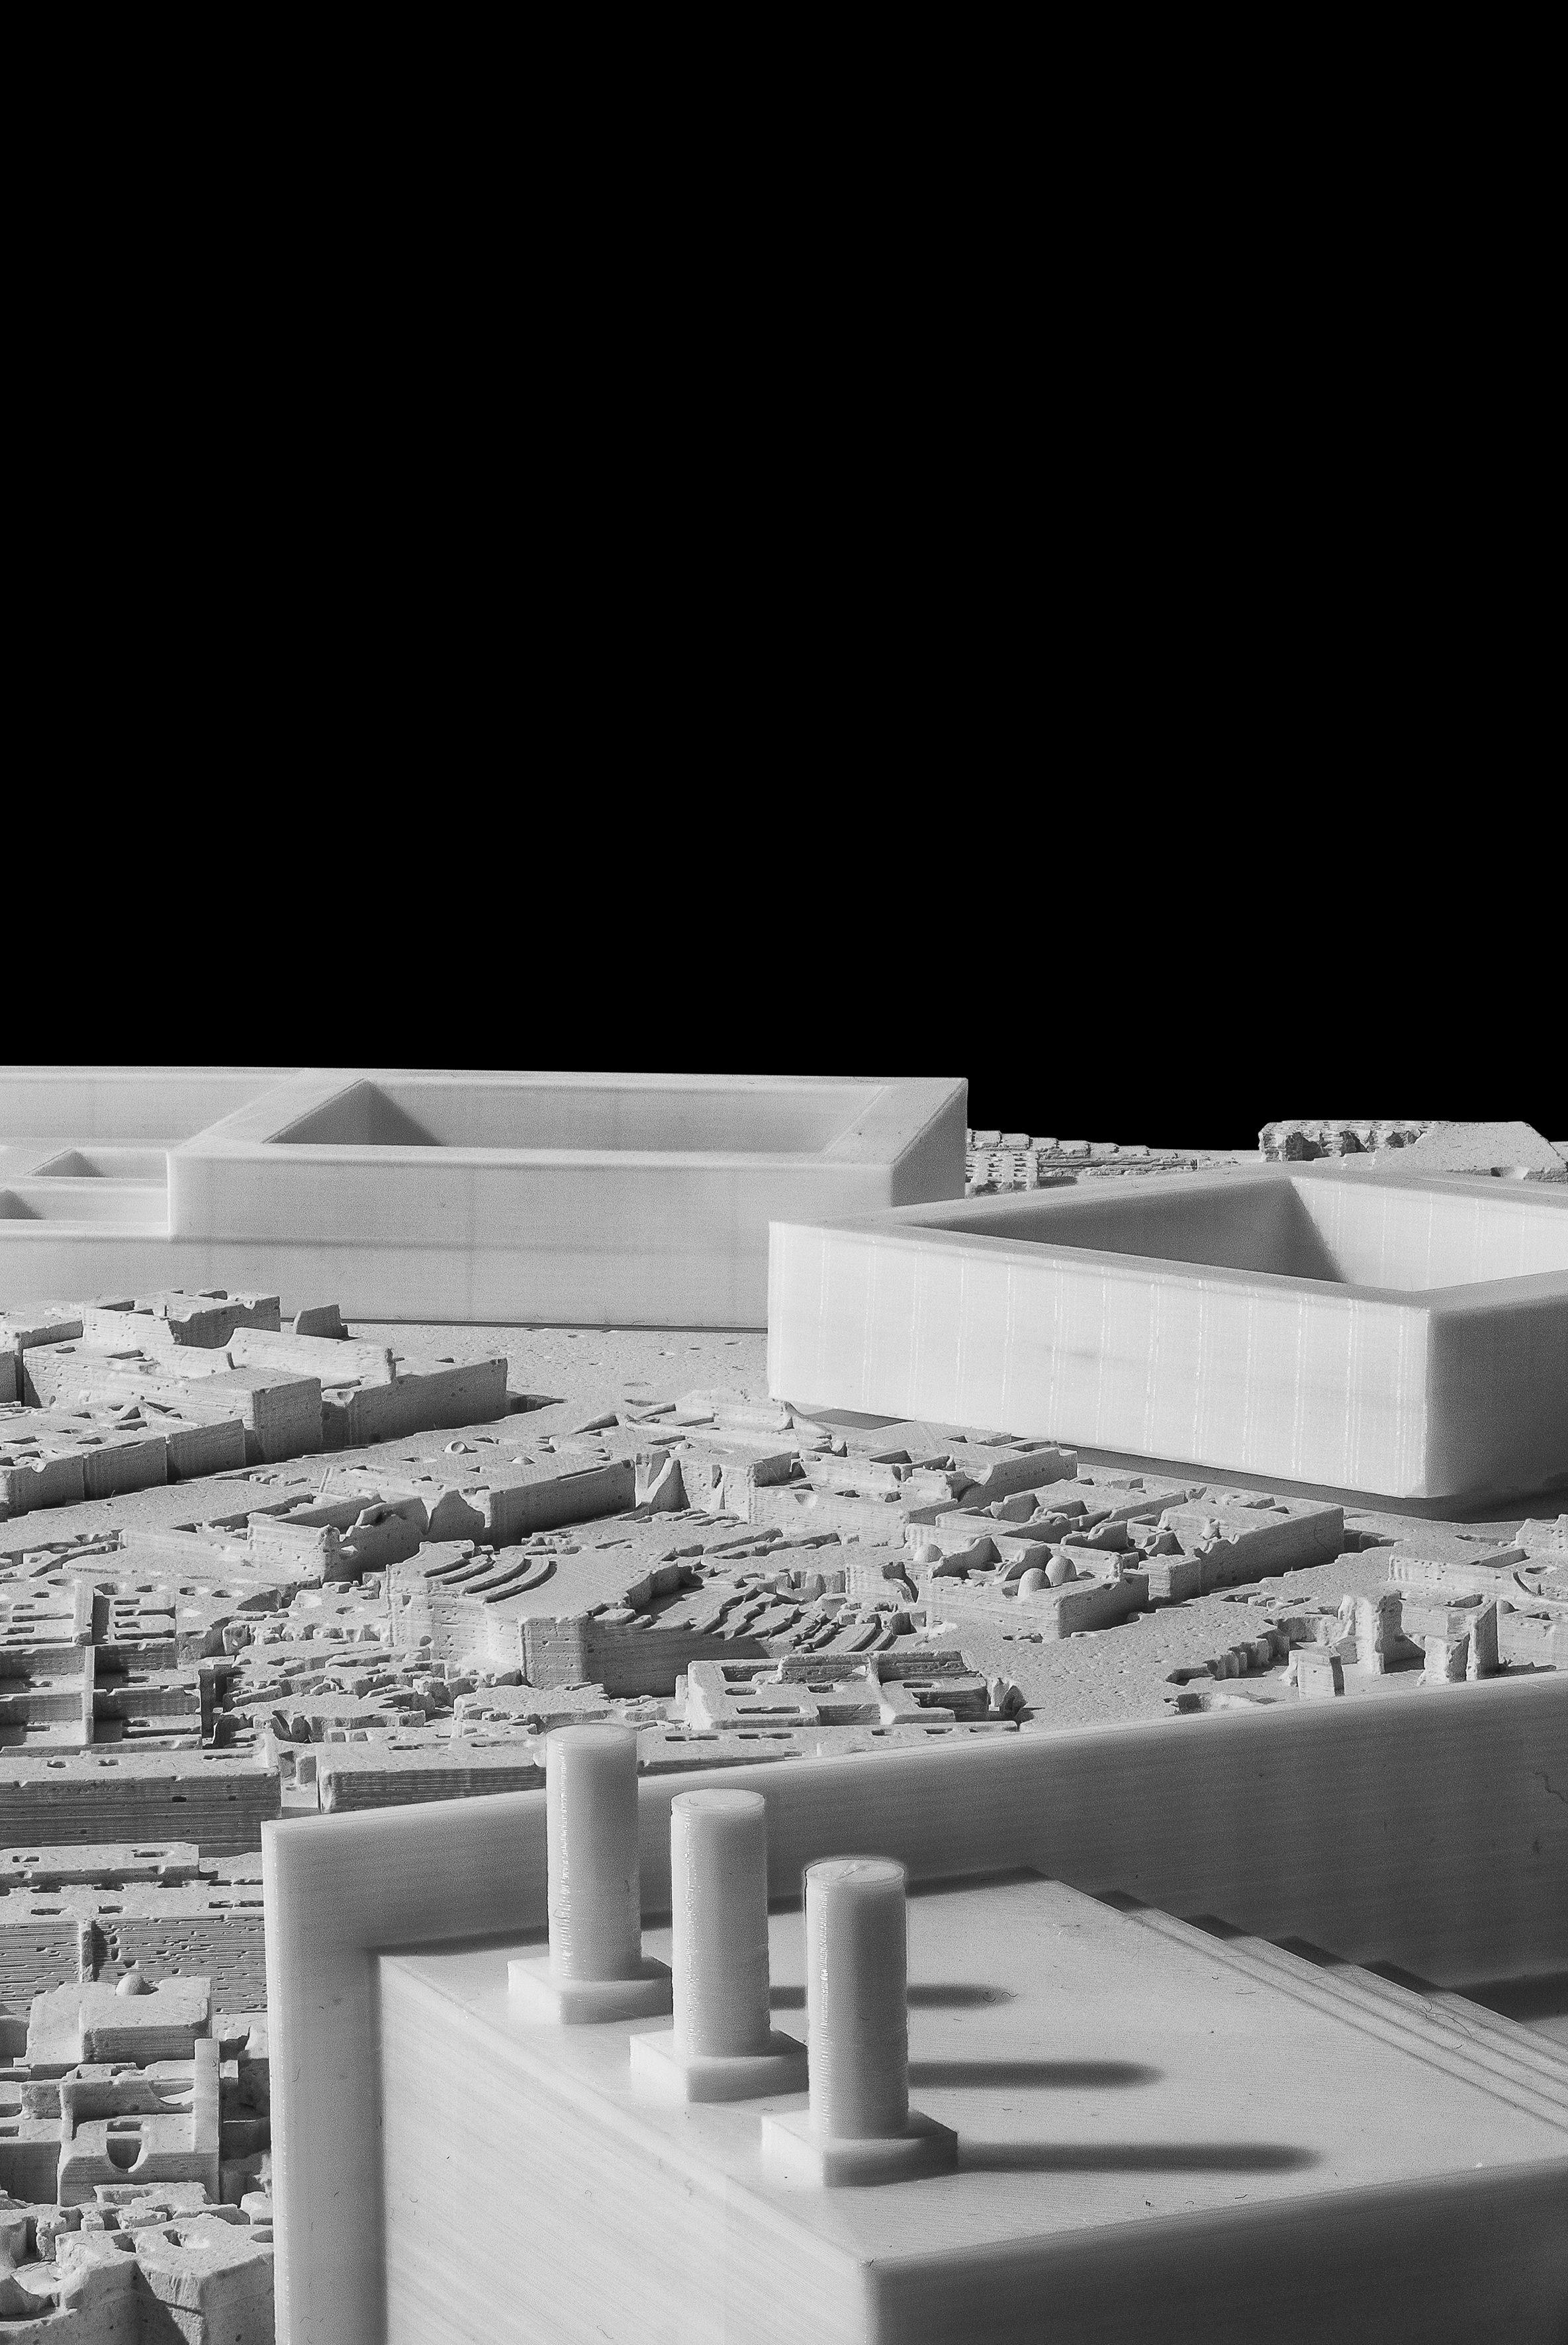 Nicol zanatta for Aldo rossi architettura della citta